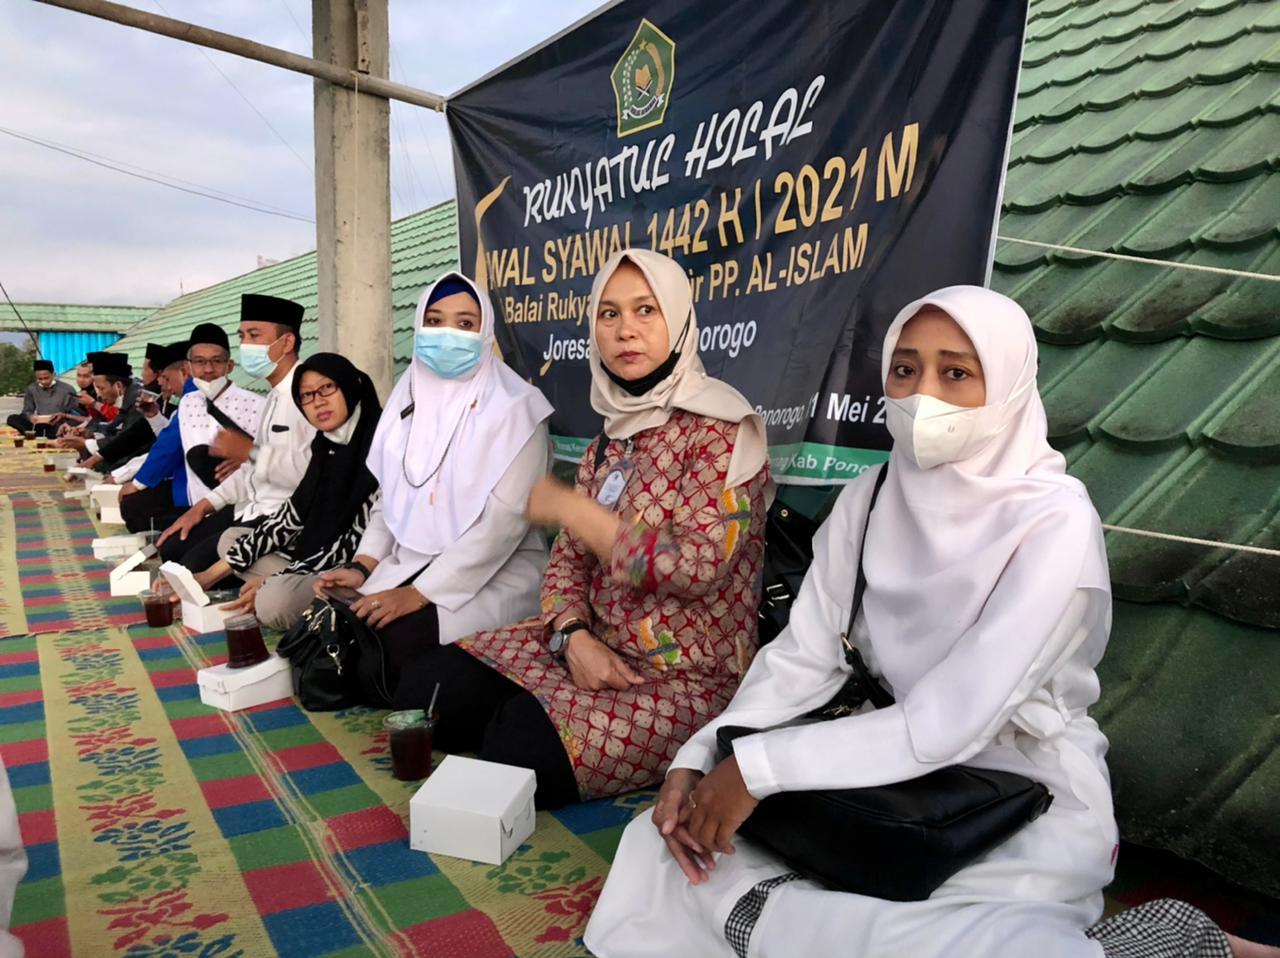 Para Pejabat teras Pemda, Kemenag dan Pengurus Yayasan Ponpes Al-Islam ikut memantau pelaksanaan rukyatul hilal